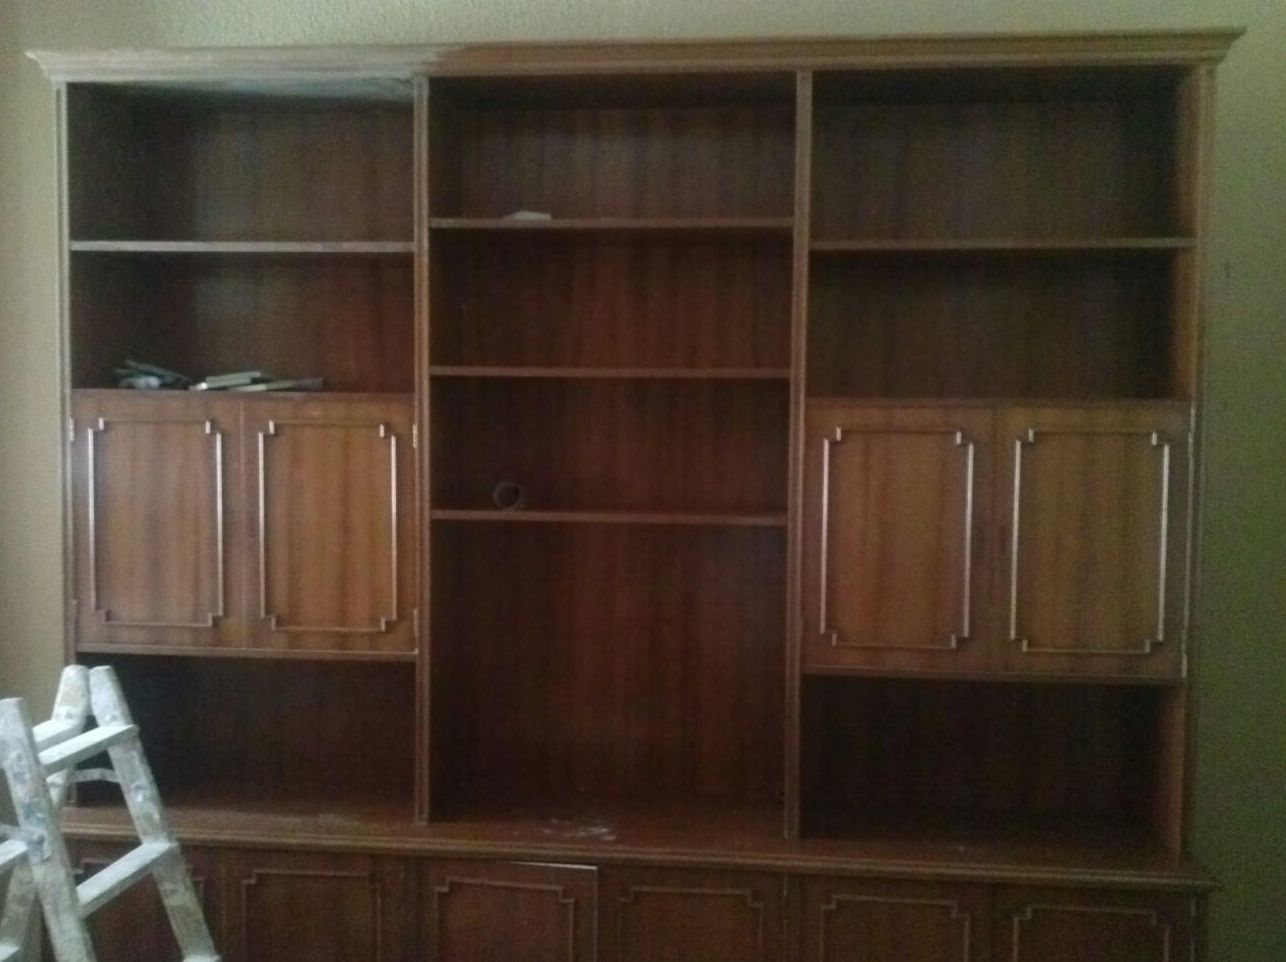 Muebles blanco viejo 20170905133834 - Muebles antiguos pintados de blanco ...